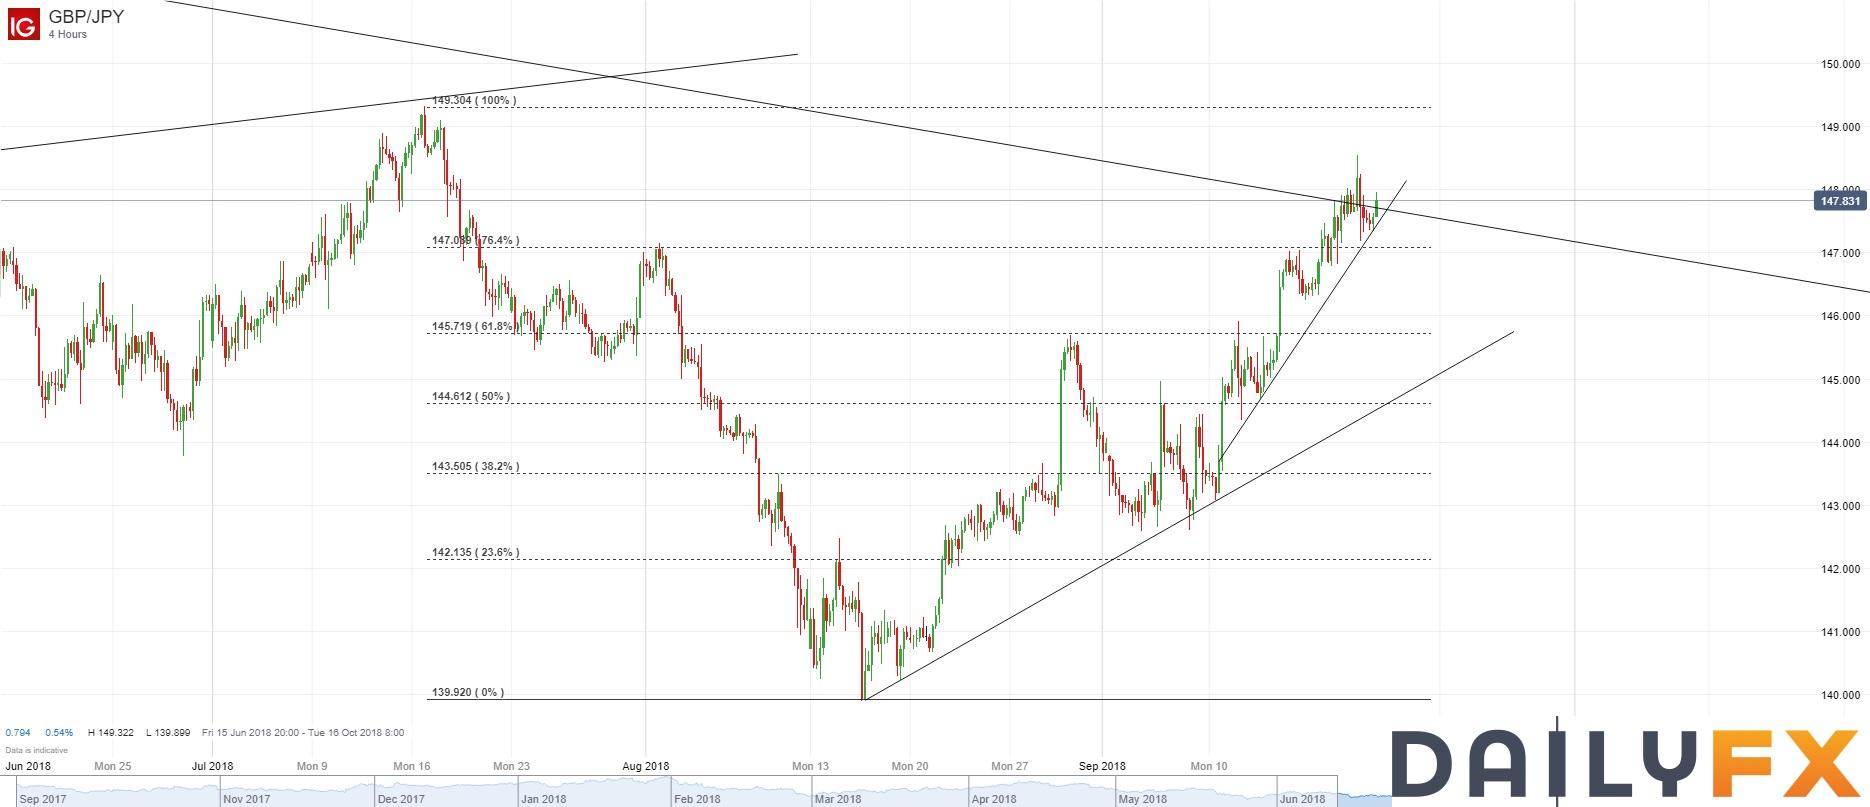 英镑/日元技术分析:冲高回落,但4小时图升势仍维持完好